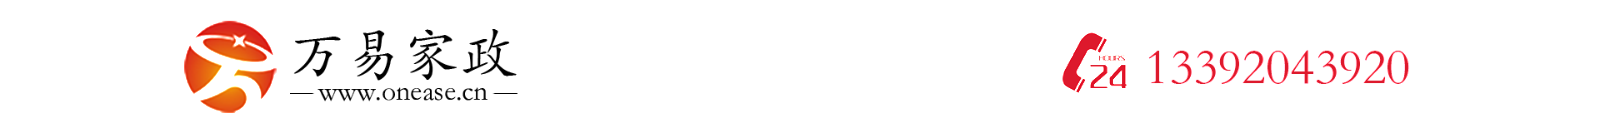 万易家政公司是58到家旗下惠州家政公司运营中心,家政服务内容涵盖找保姆、找月嫂、找育儿嫂育婴师、保洁、家电清洁等服务。惠州家政公司电话13392043920